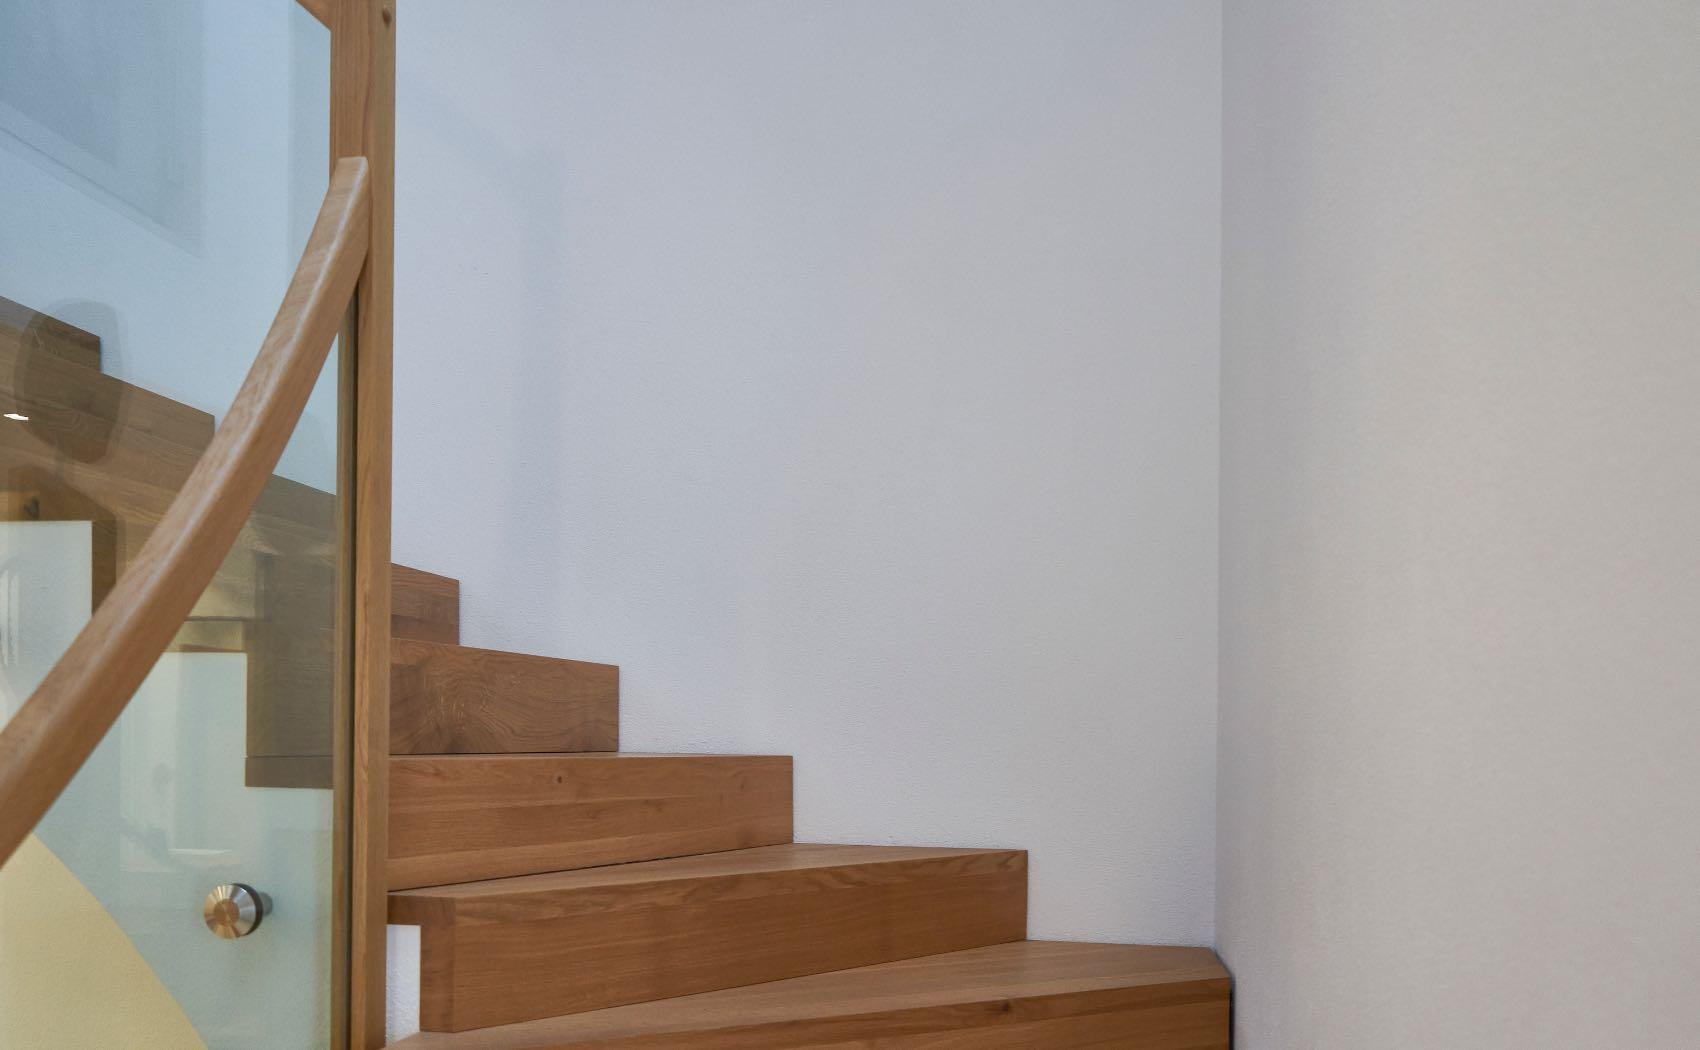 Mit Holzstufen belegte Treppe - Geländer aus Holz und Glas